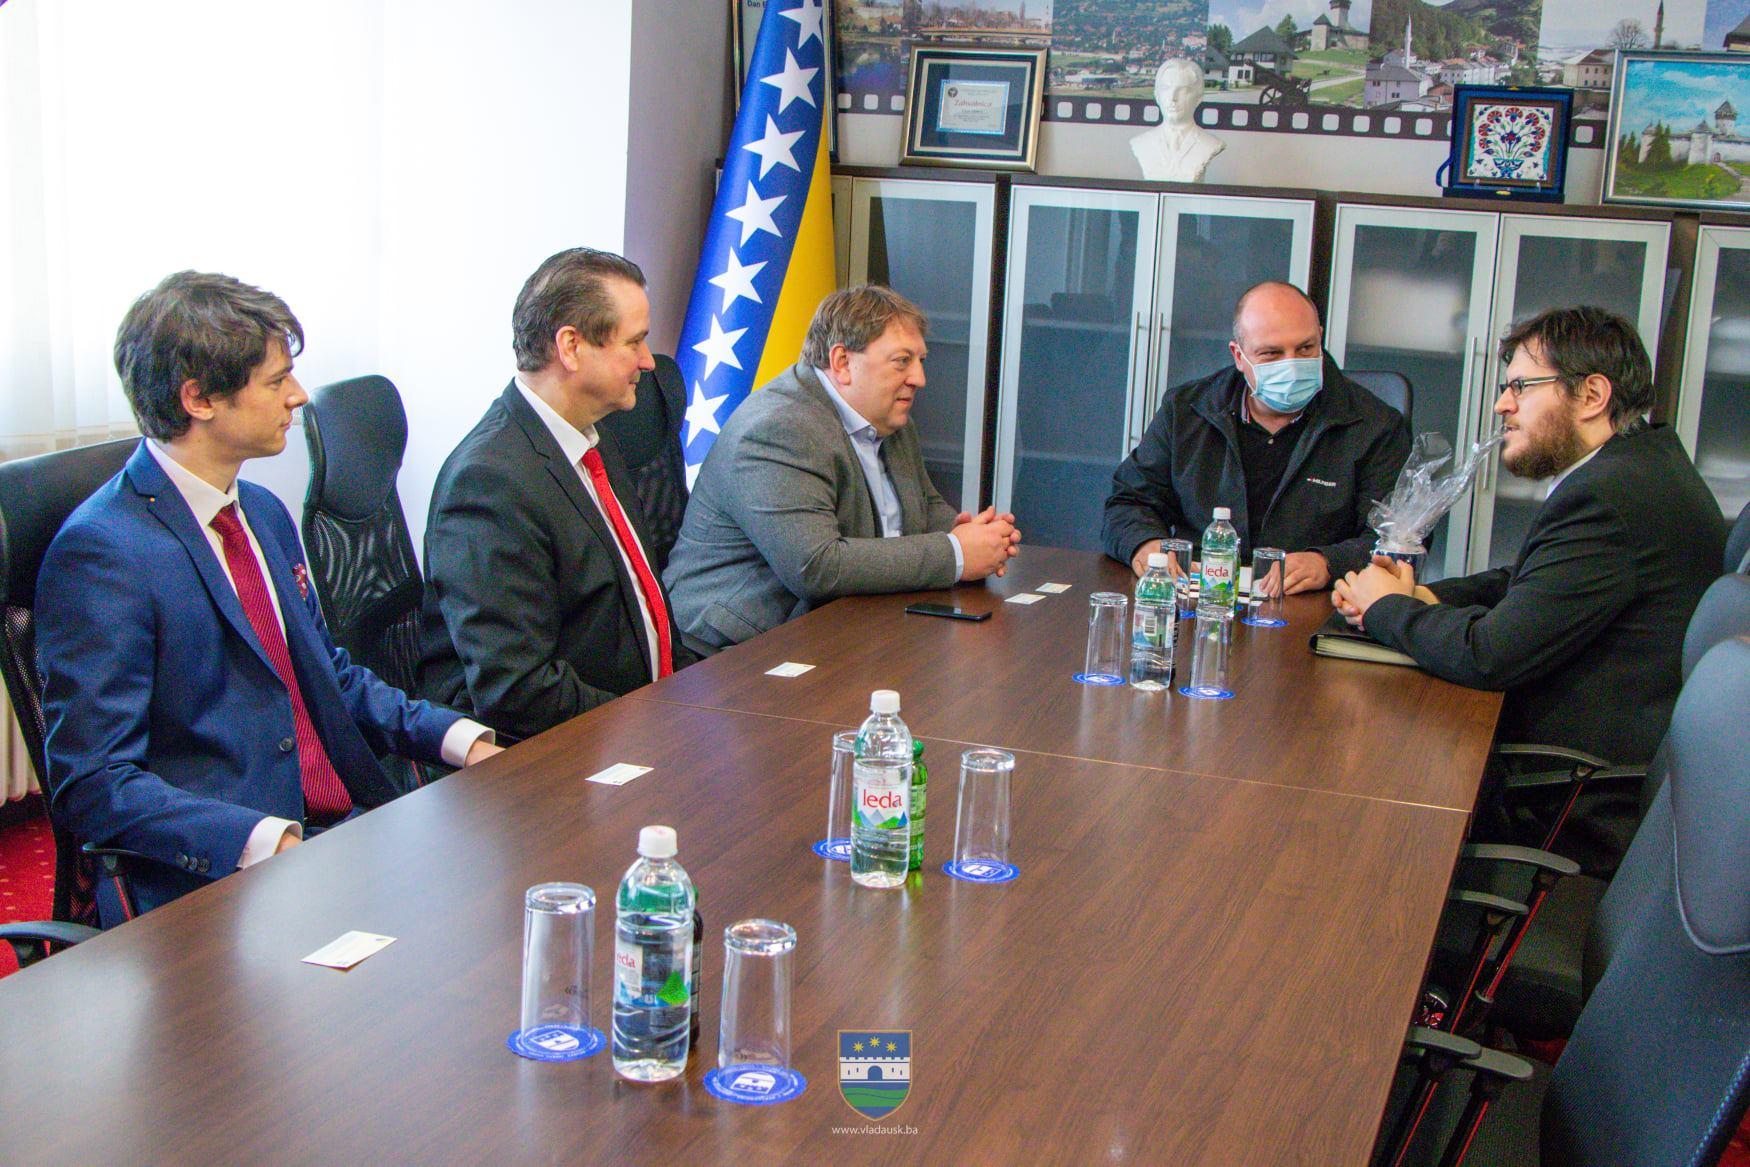 Skandal u Bihaću: Premijer USK Mustafa Ružnić ugostio članove neonacističke i islamofobne stranke AfD